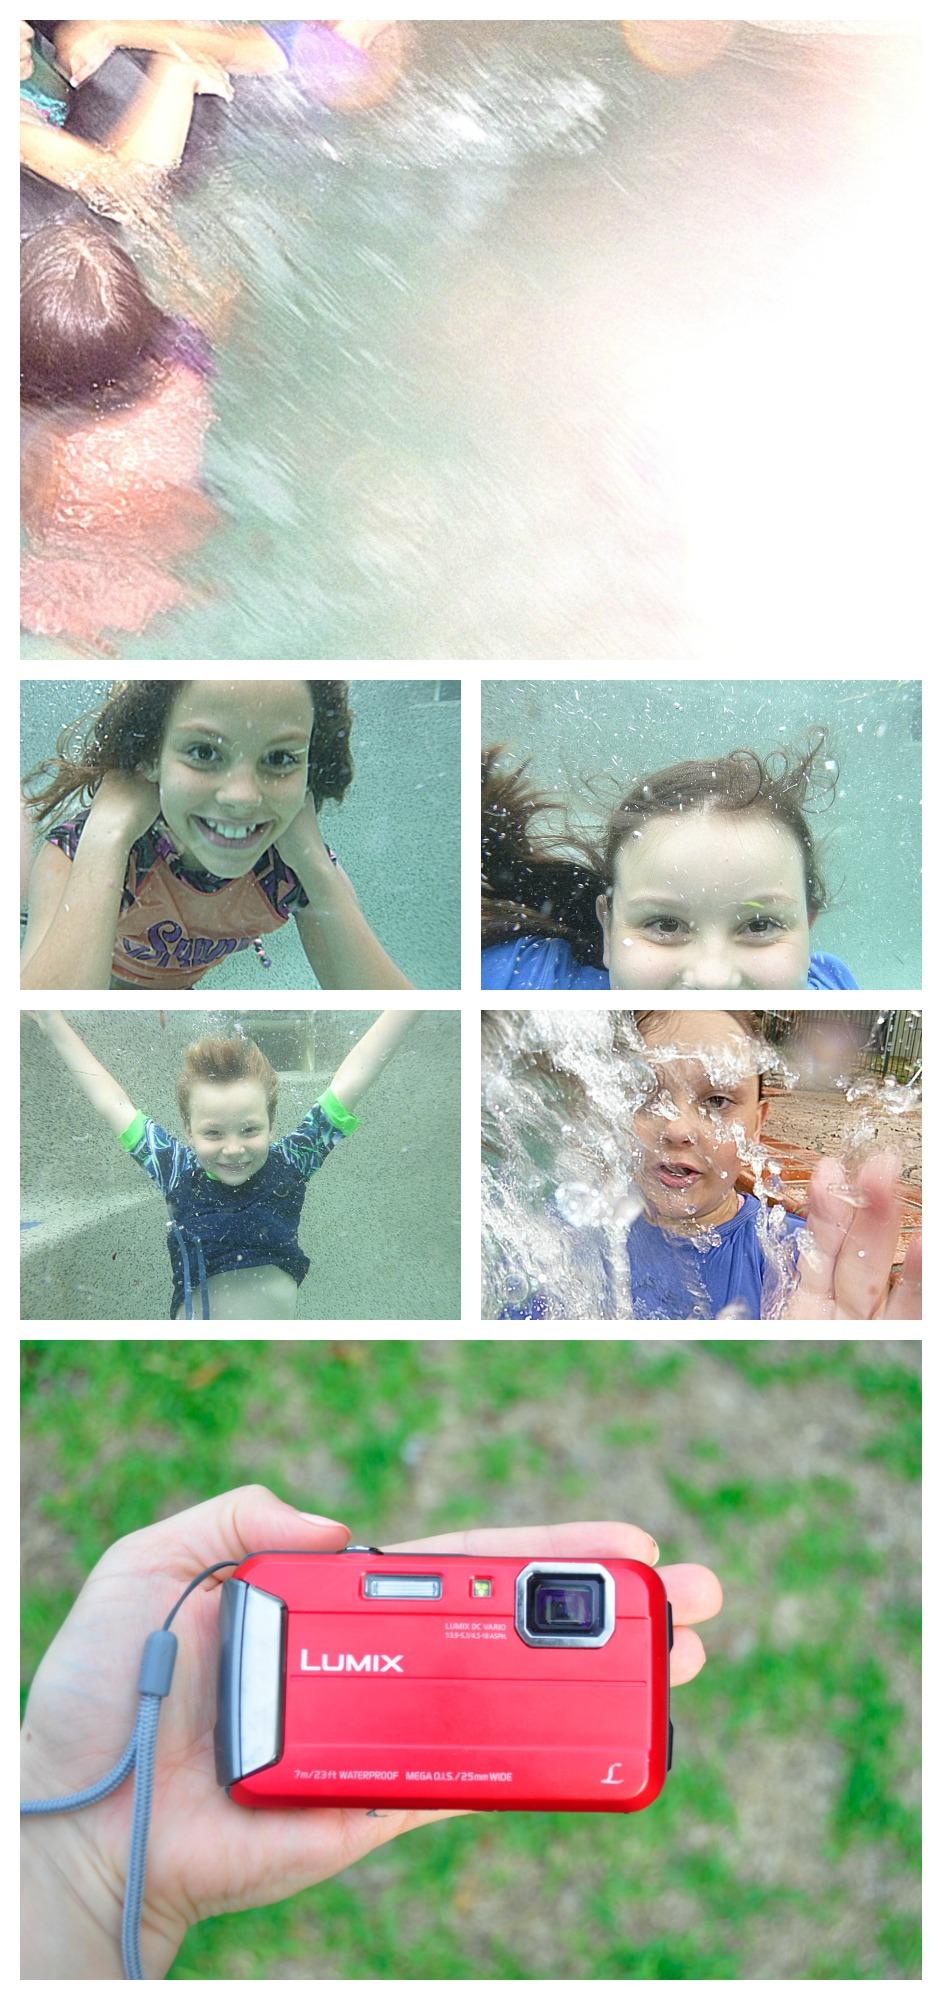 Panasonic Lumix FT25 waterproof camera  - Underwater photos